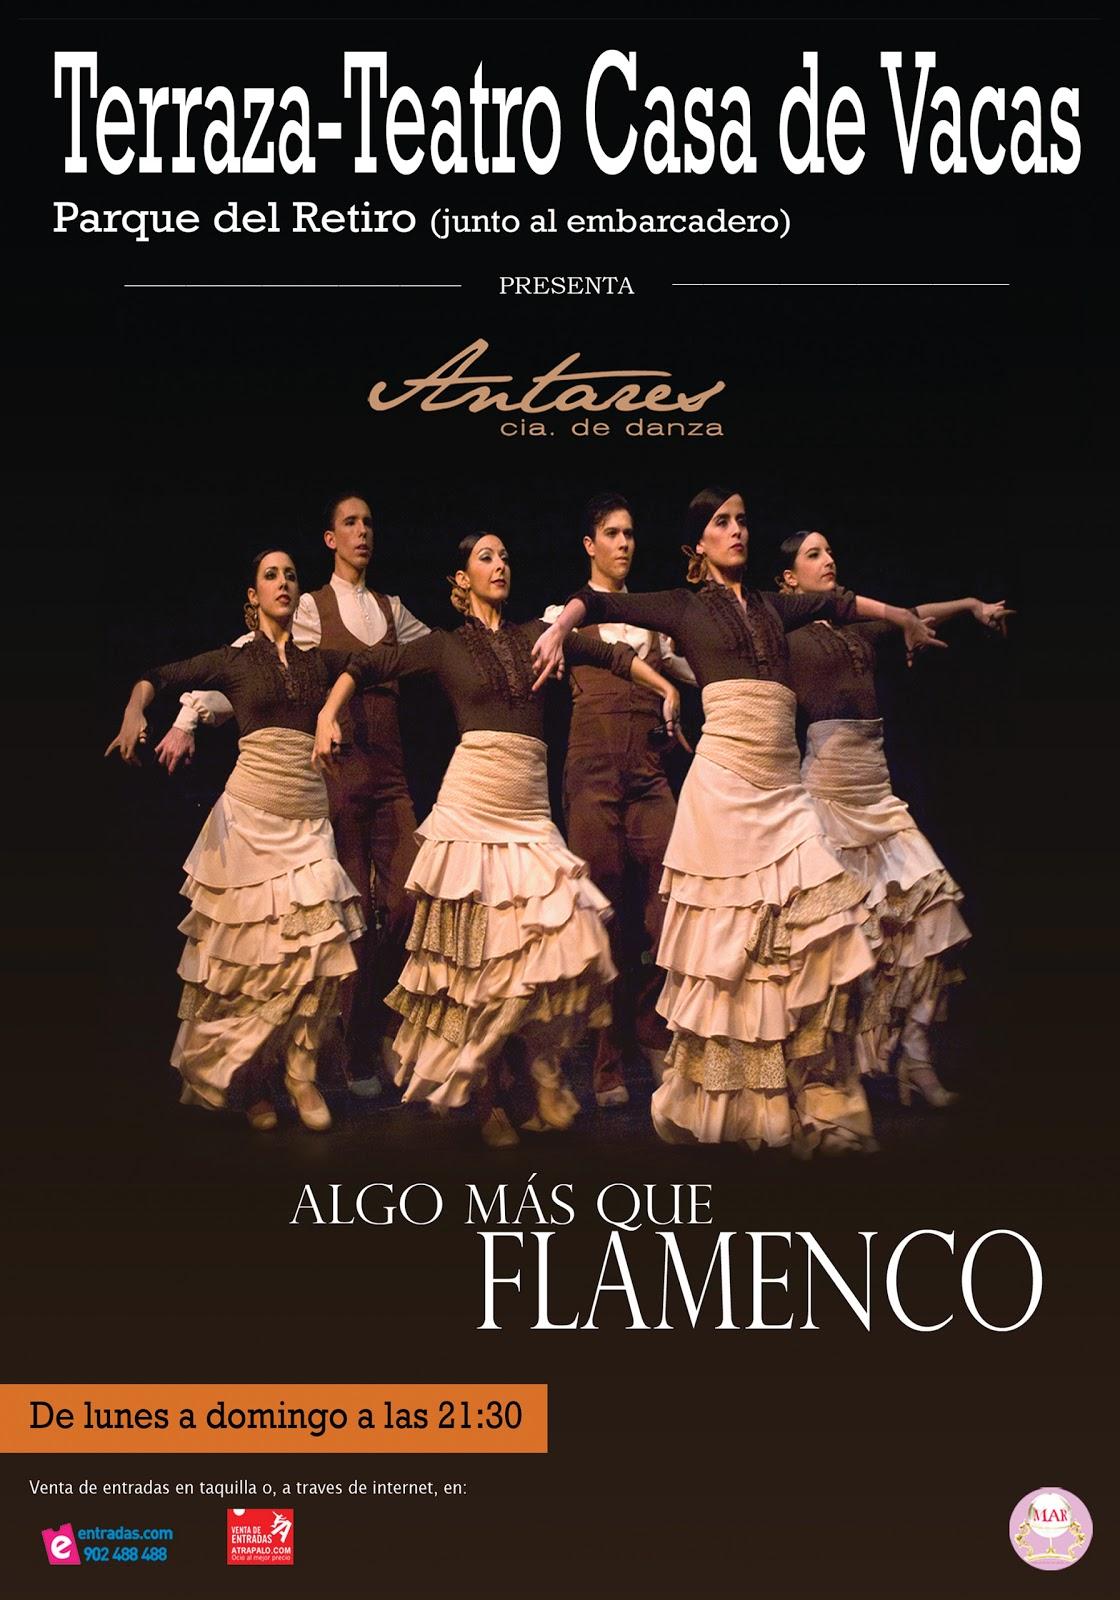 Noticias Sobre Arte Y Cultura Algo Más Que Flamenco De